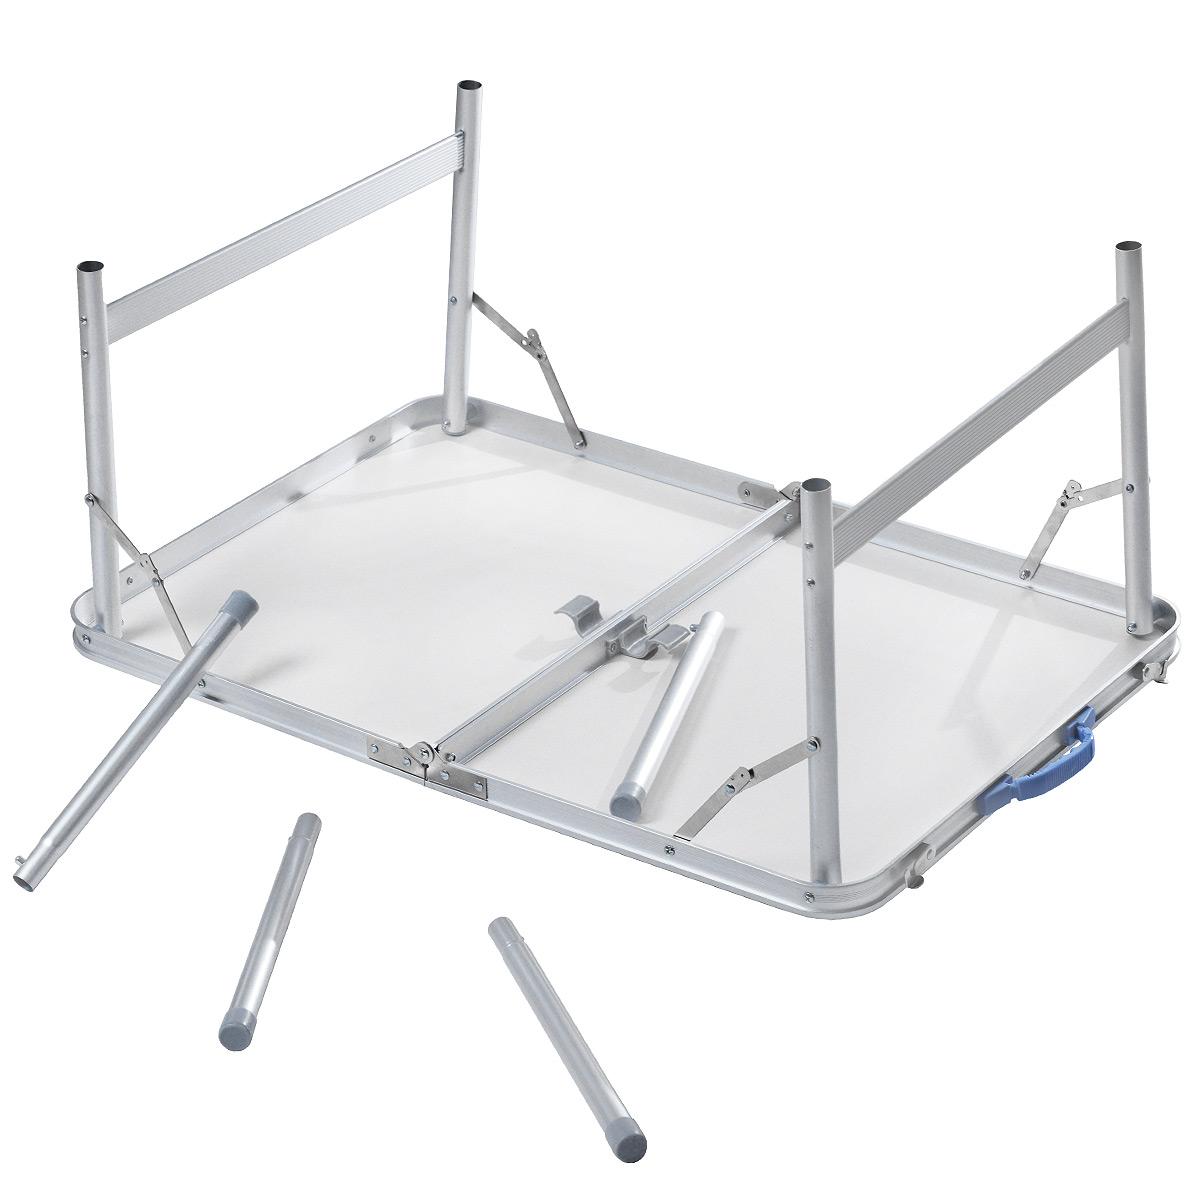 Стол складной FIT, 2 позиции по высоте, 90 х 60 х 70 см/39 см ( 78356 )